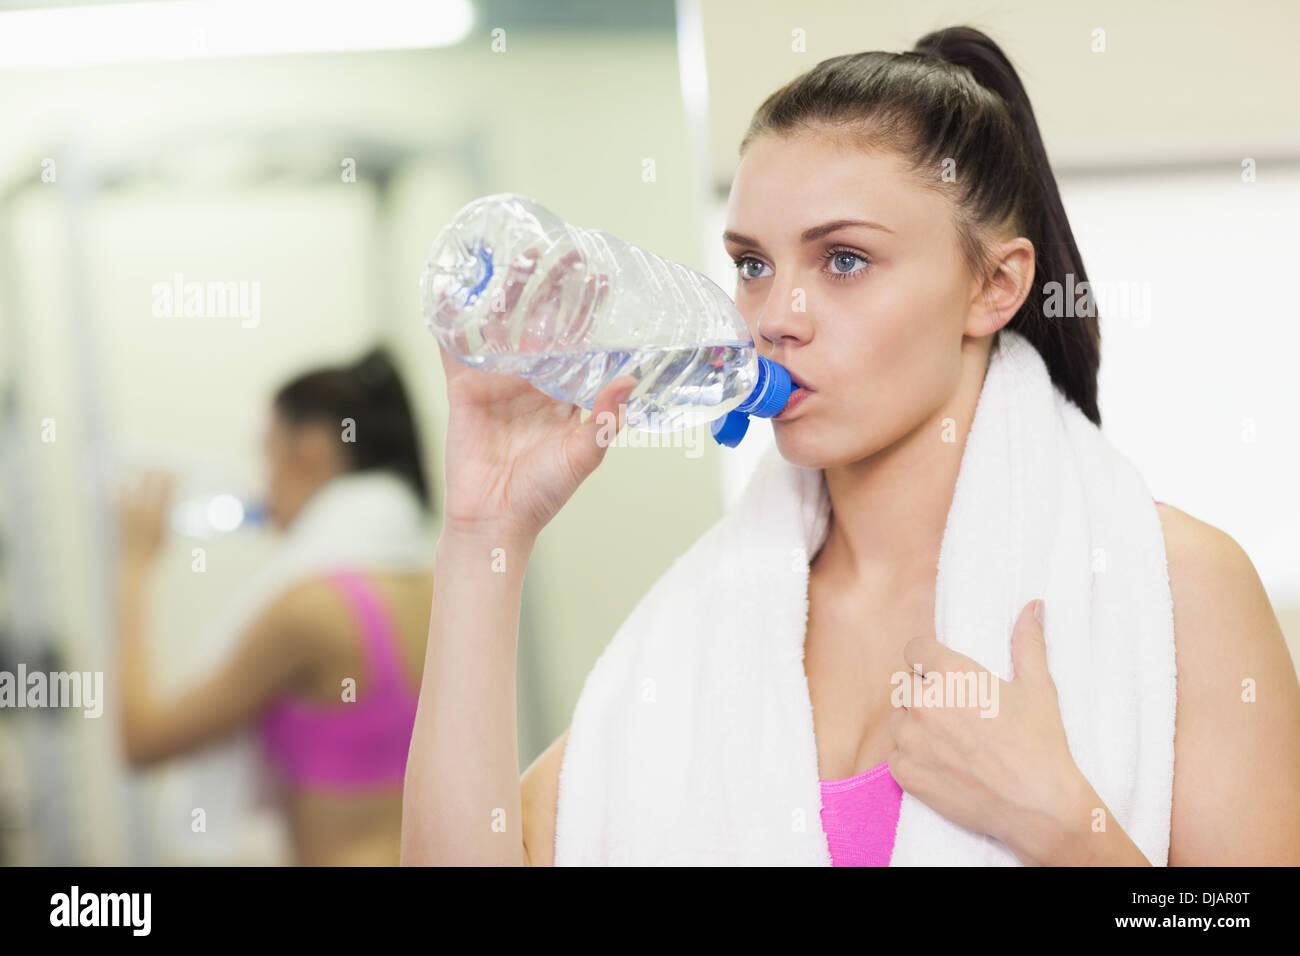 Cerca de una mujer en el gimnasio de agua potable Imagen De Stock